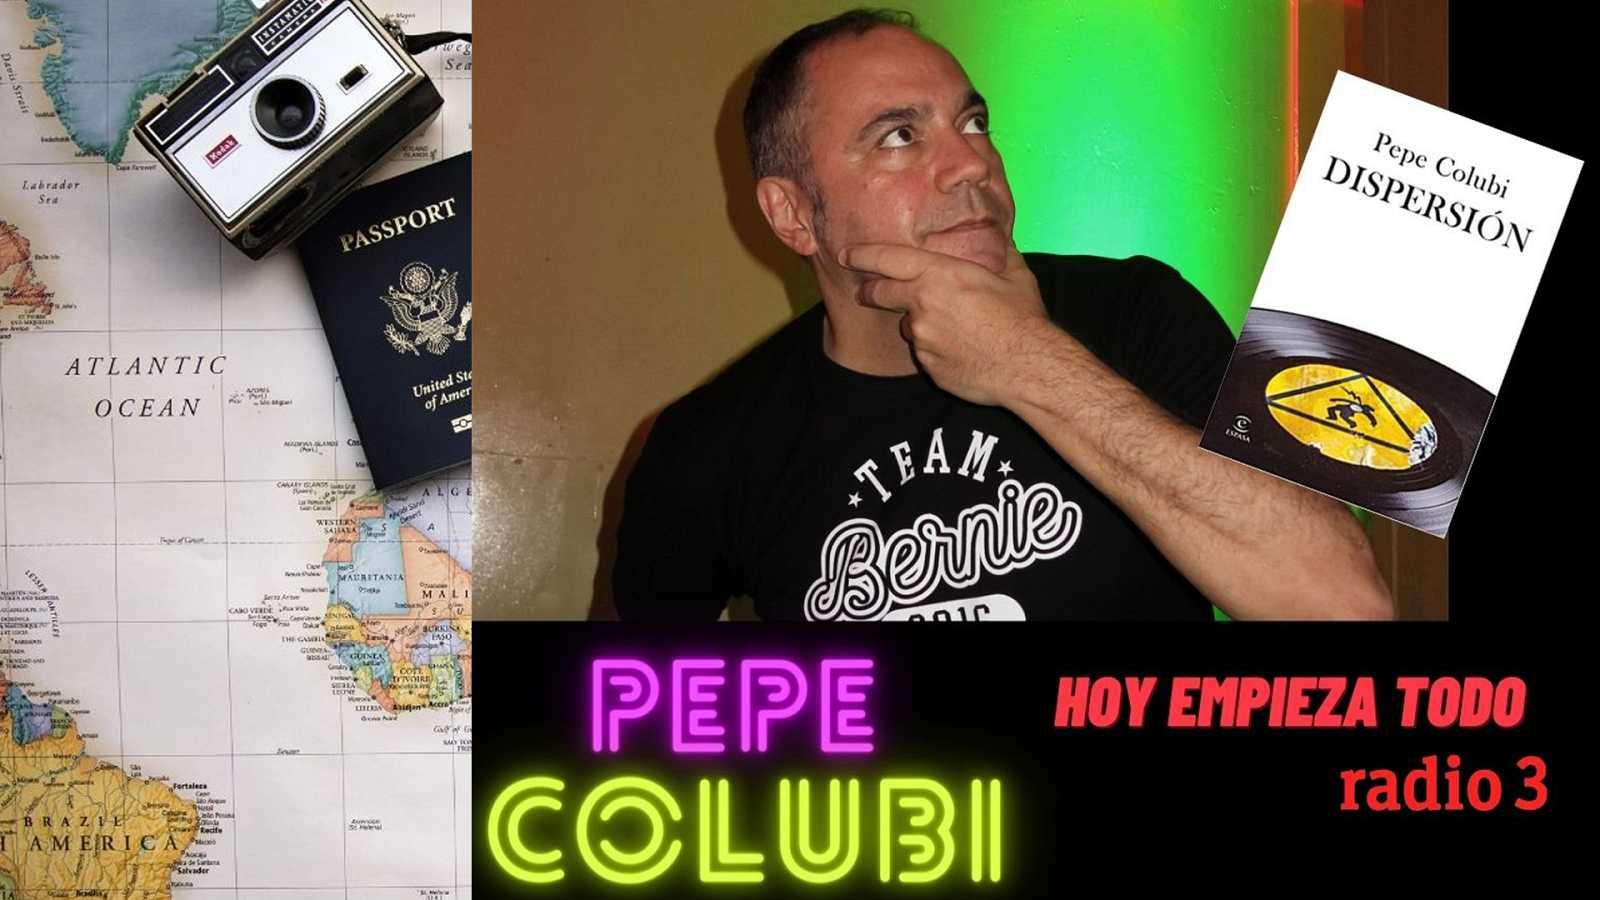 Hoy empieza todo con Ángel Carmona - Pepe Colubi, La Vuelta al Mundo y Cambios Sociales en Pandemia - 16/02/21 - escuchar ahora